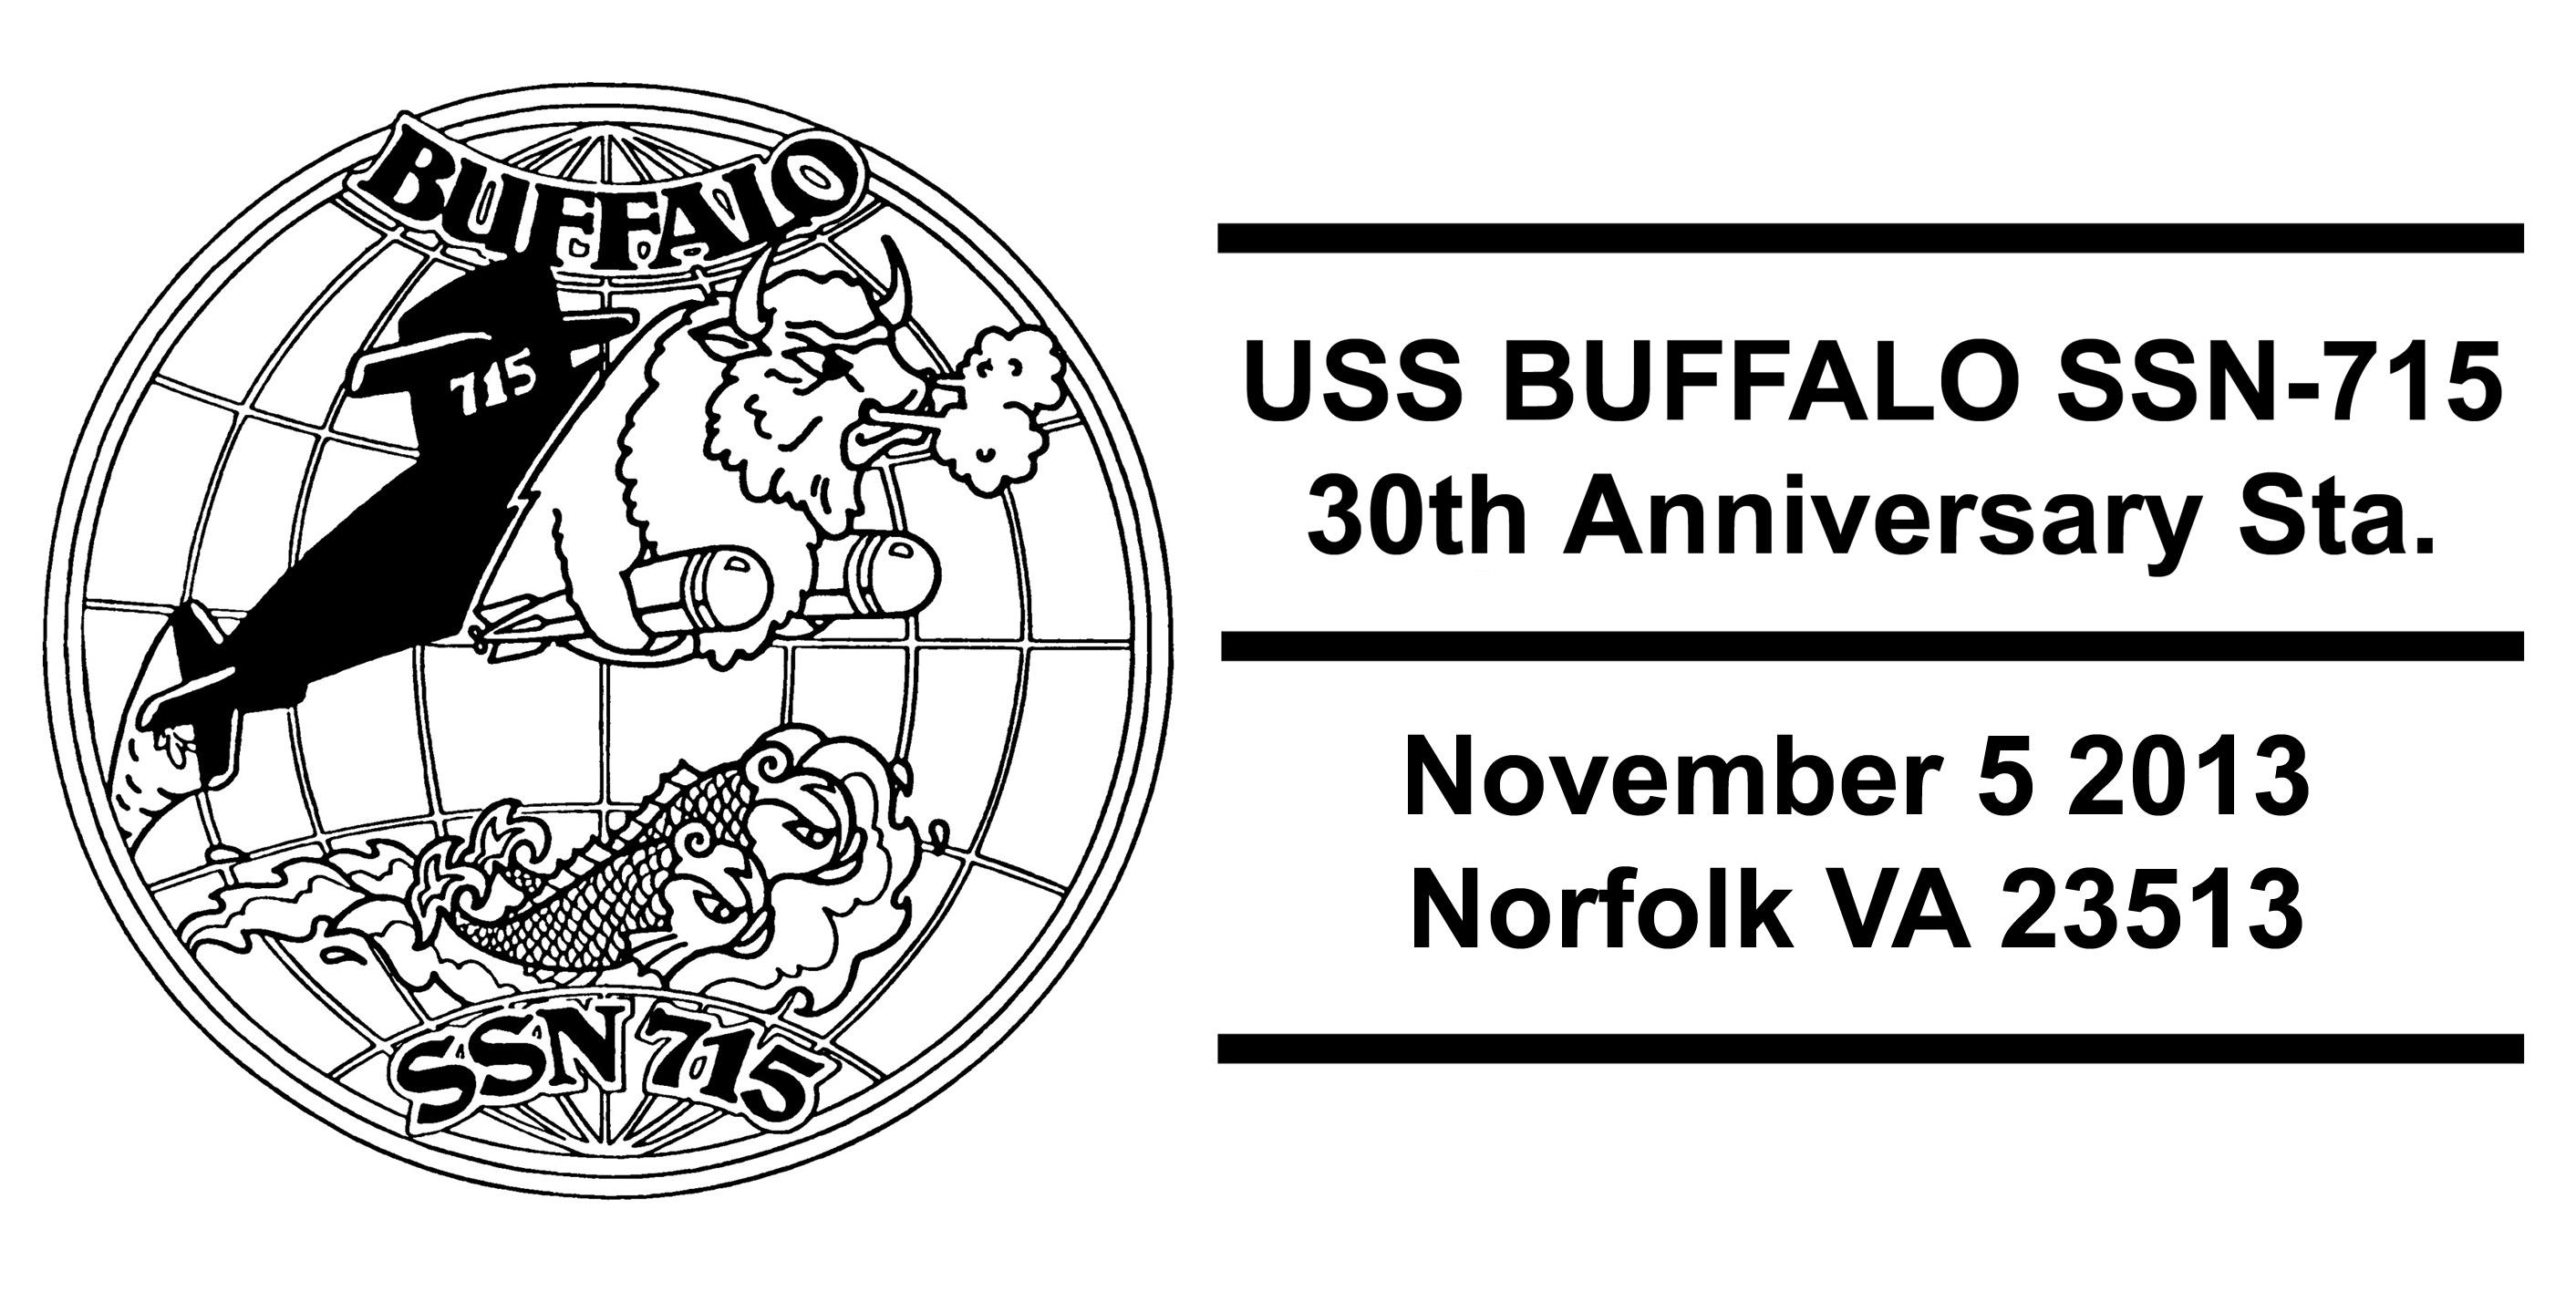 Sonderpoststempel USS BUFFALO SSN-715  30 Jahre im DienstDesign: Wolfgang Hechler